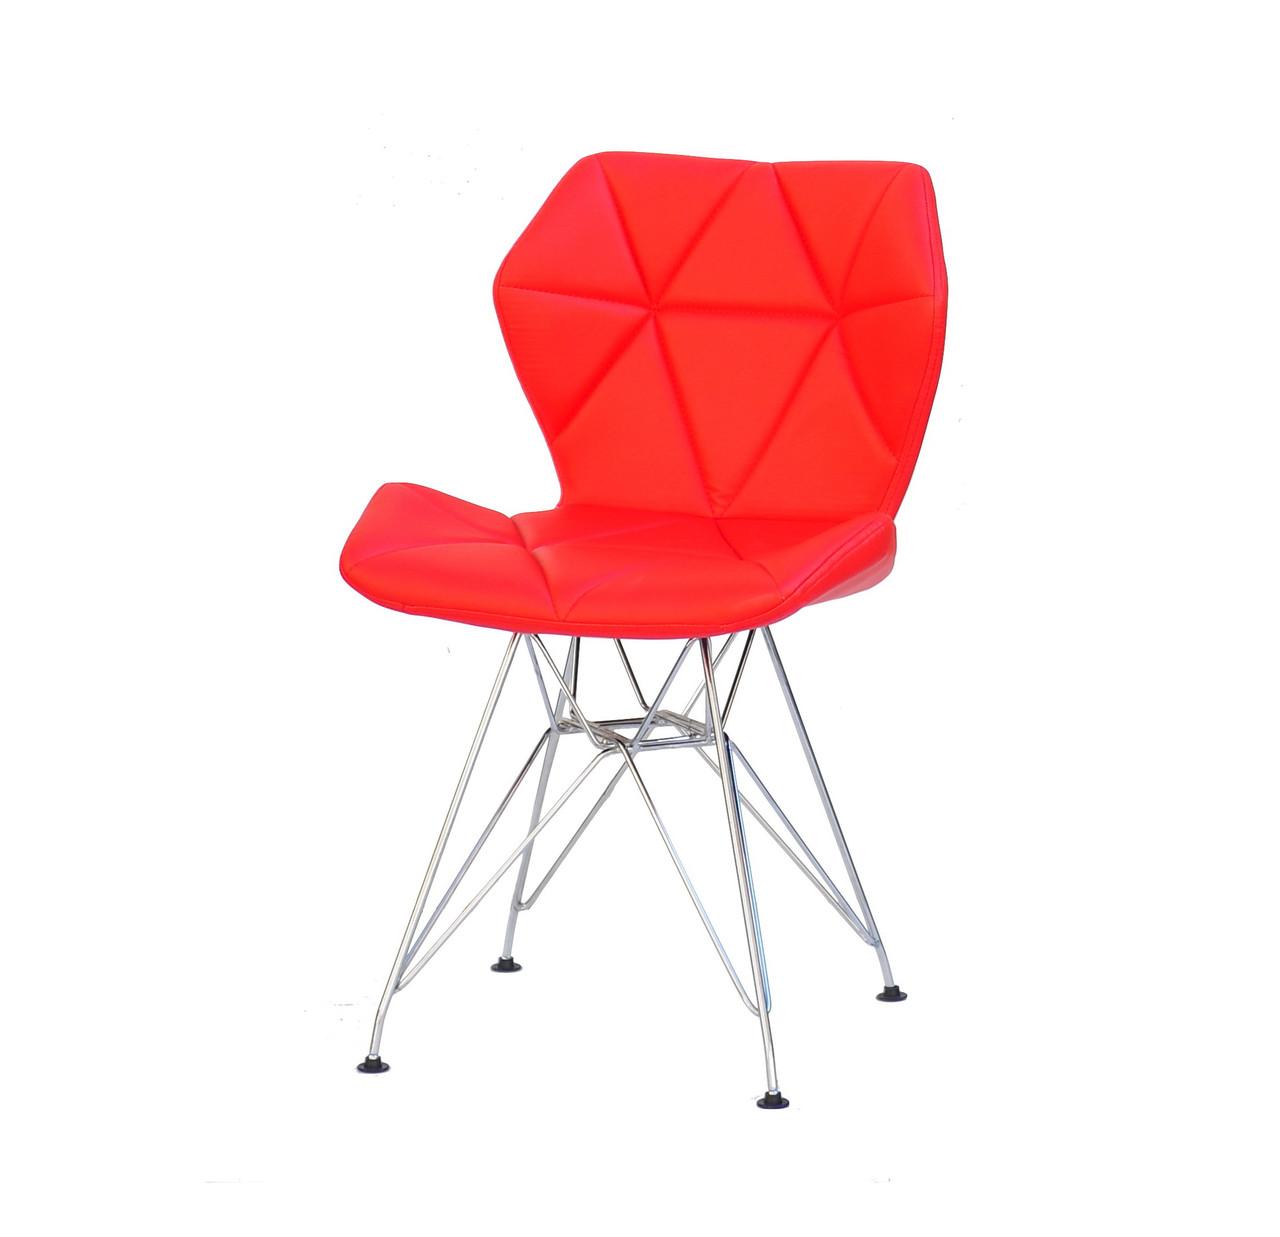 Червоний стильний і сучасний сірий стілець еко-шкіра Greg CH-ML на металевих ніжках